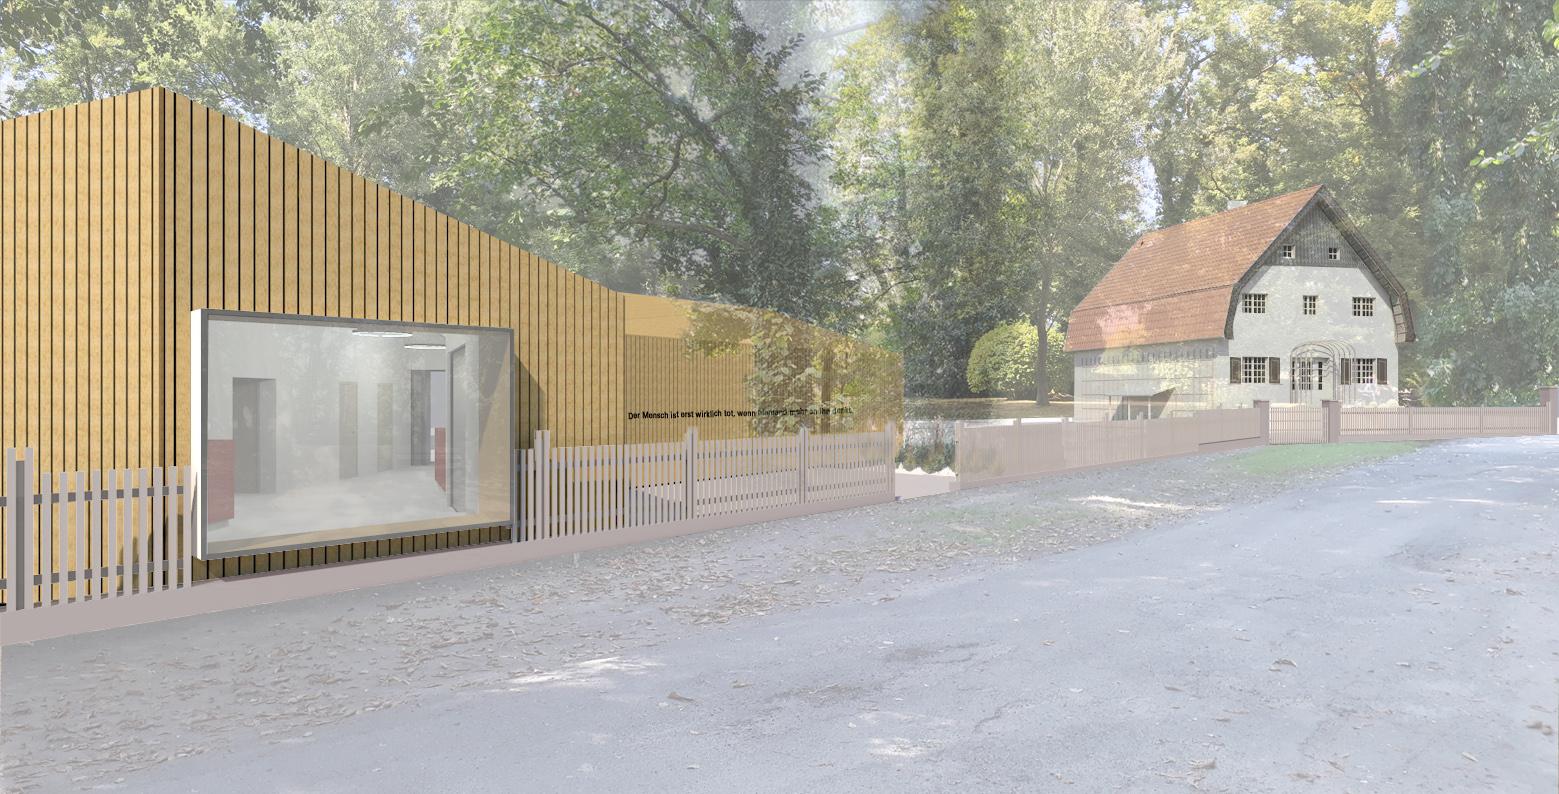 Außenperspektive Besucherzentrum Brecht Weigel Haus Buckow